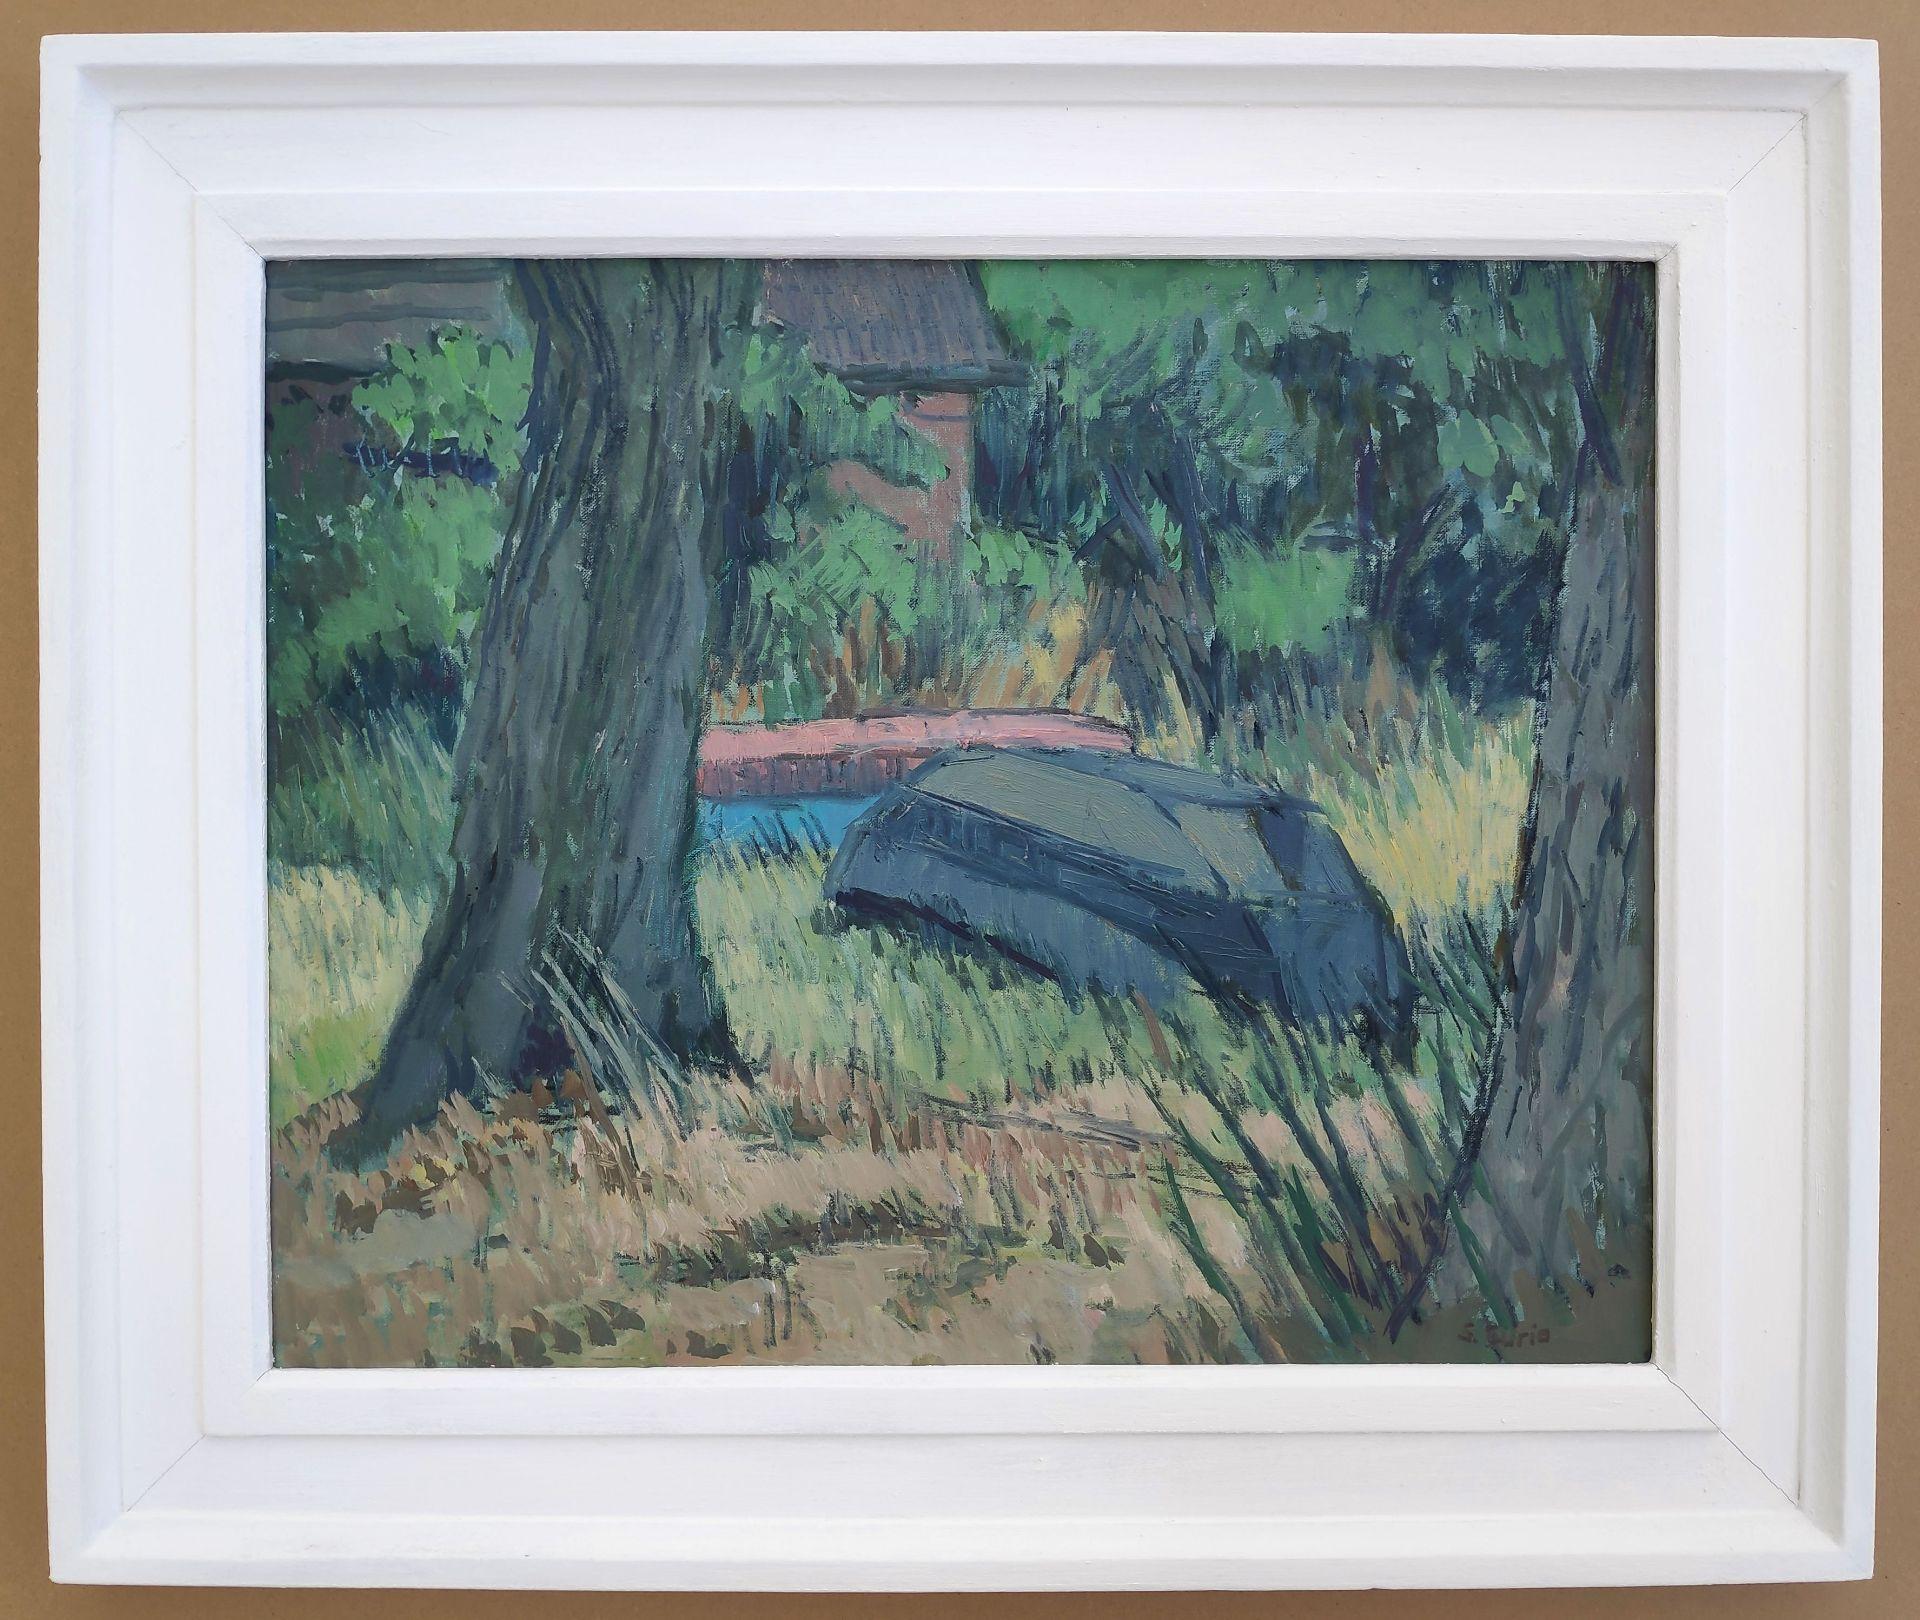 """Curio, Sabine (1950 Ahlbeck , lebt in Stolpe/Usedom) """"Boote zwischen Bäumen"""" - Bild 2 aus 4"""